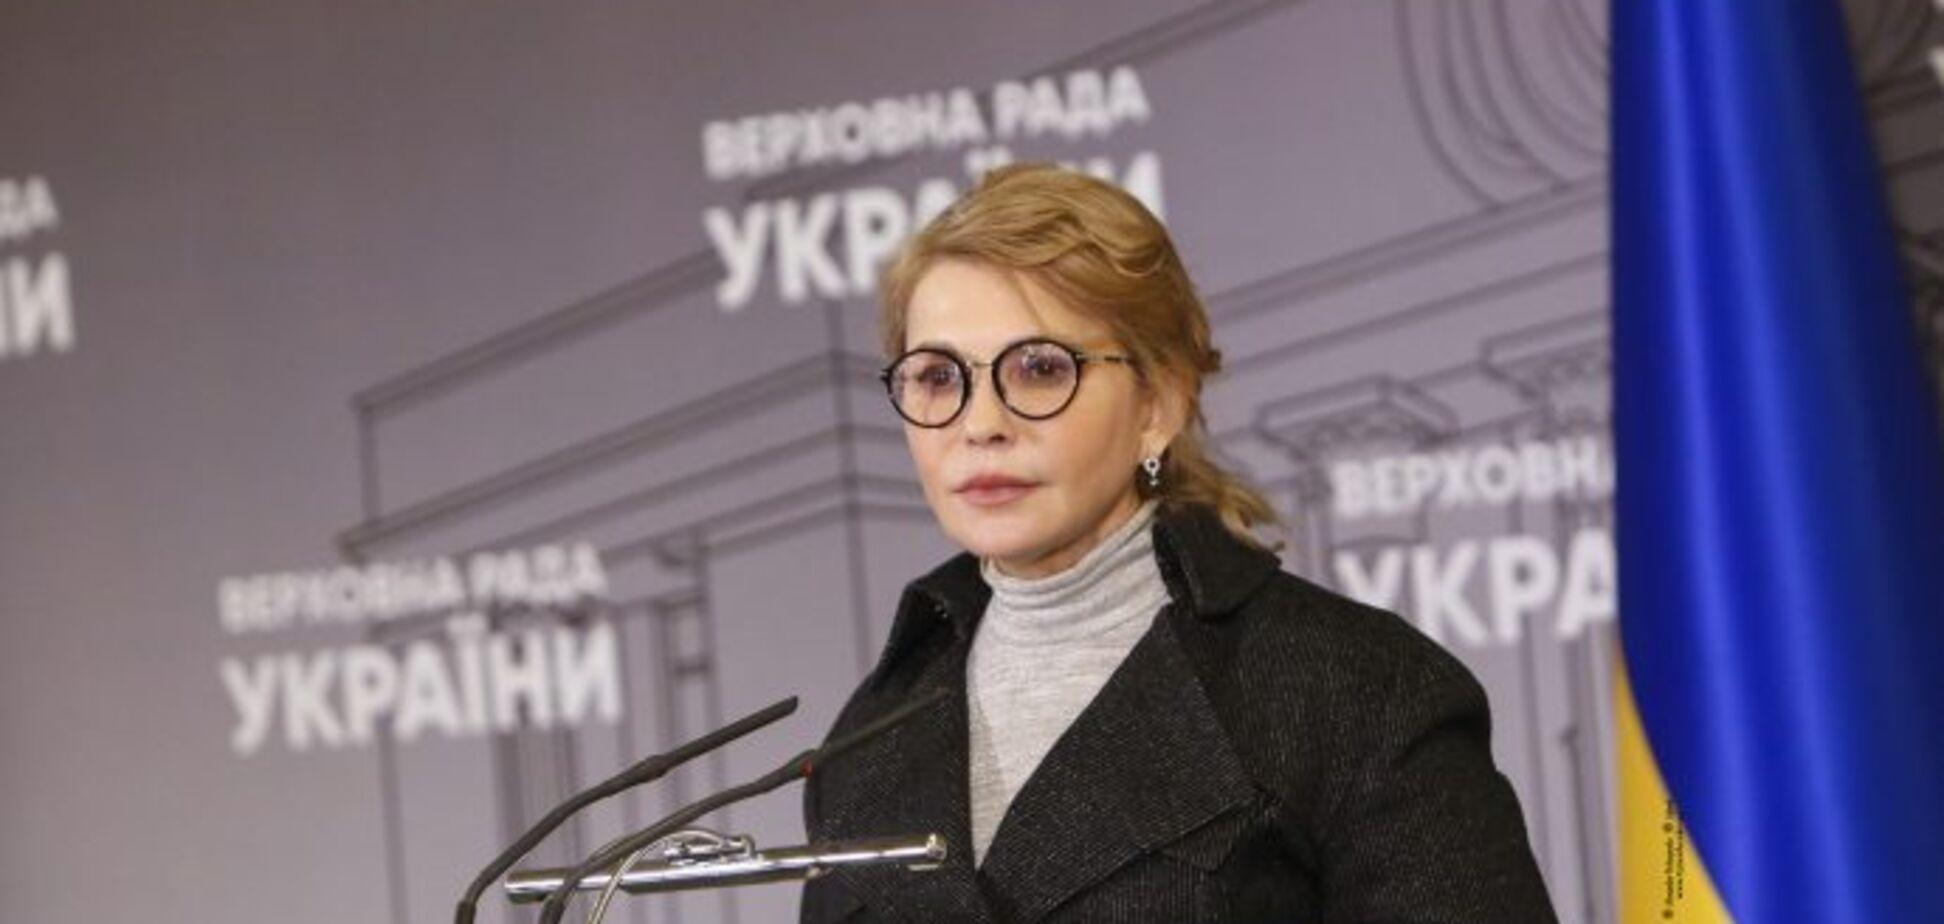 Тимошенко заявила о необходимости обновления правительства для вывода страны из кризиса